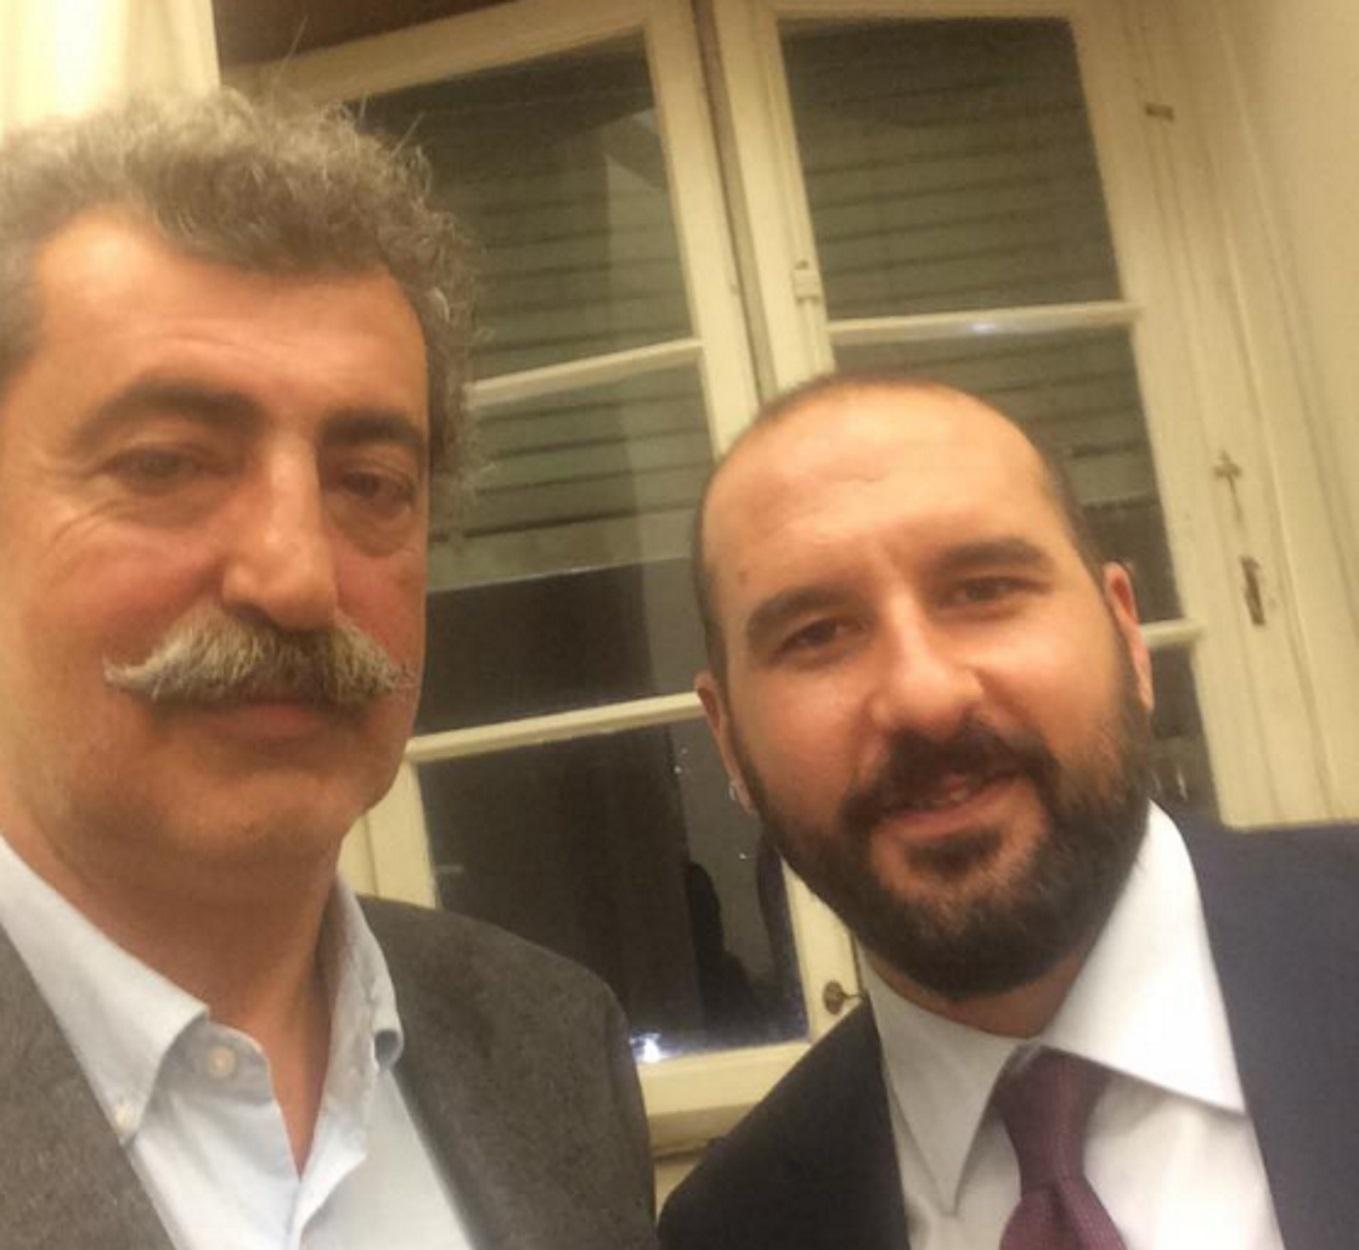 ΣΥΡΙΖΑ: Πολάκης και Τζανακόπουλος θα είναι παρόντες στην Προανακριτική